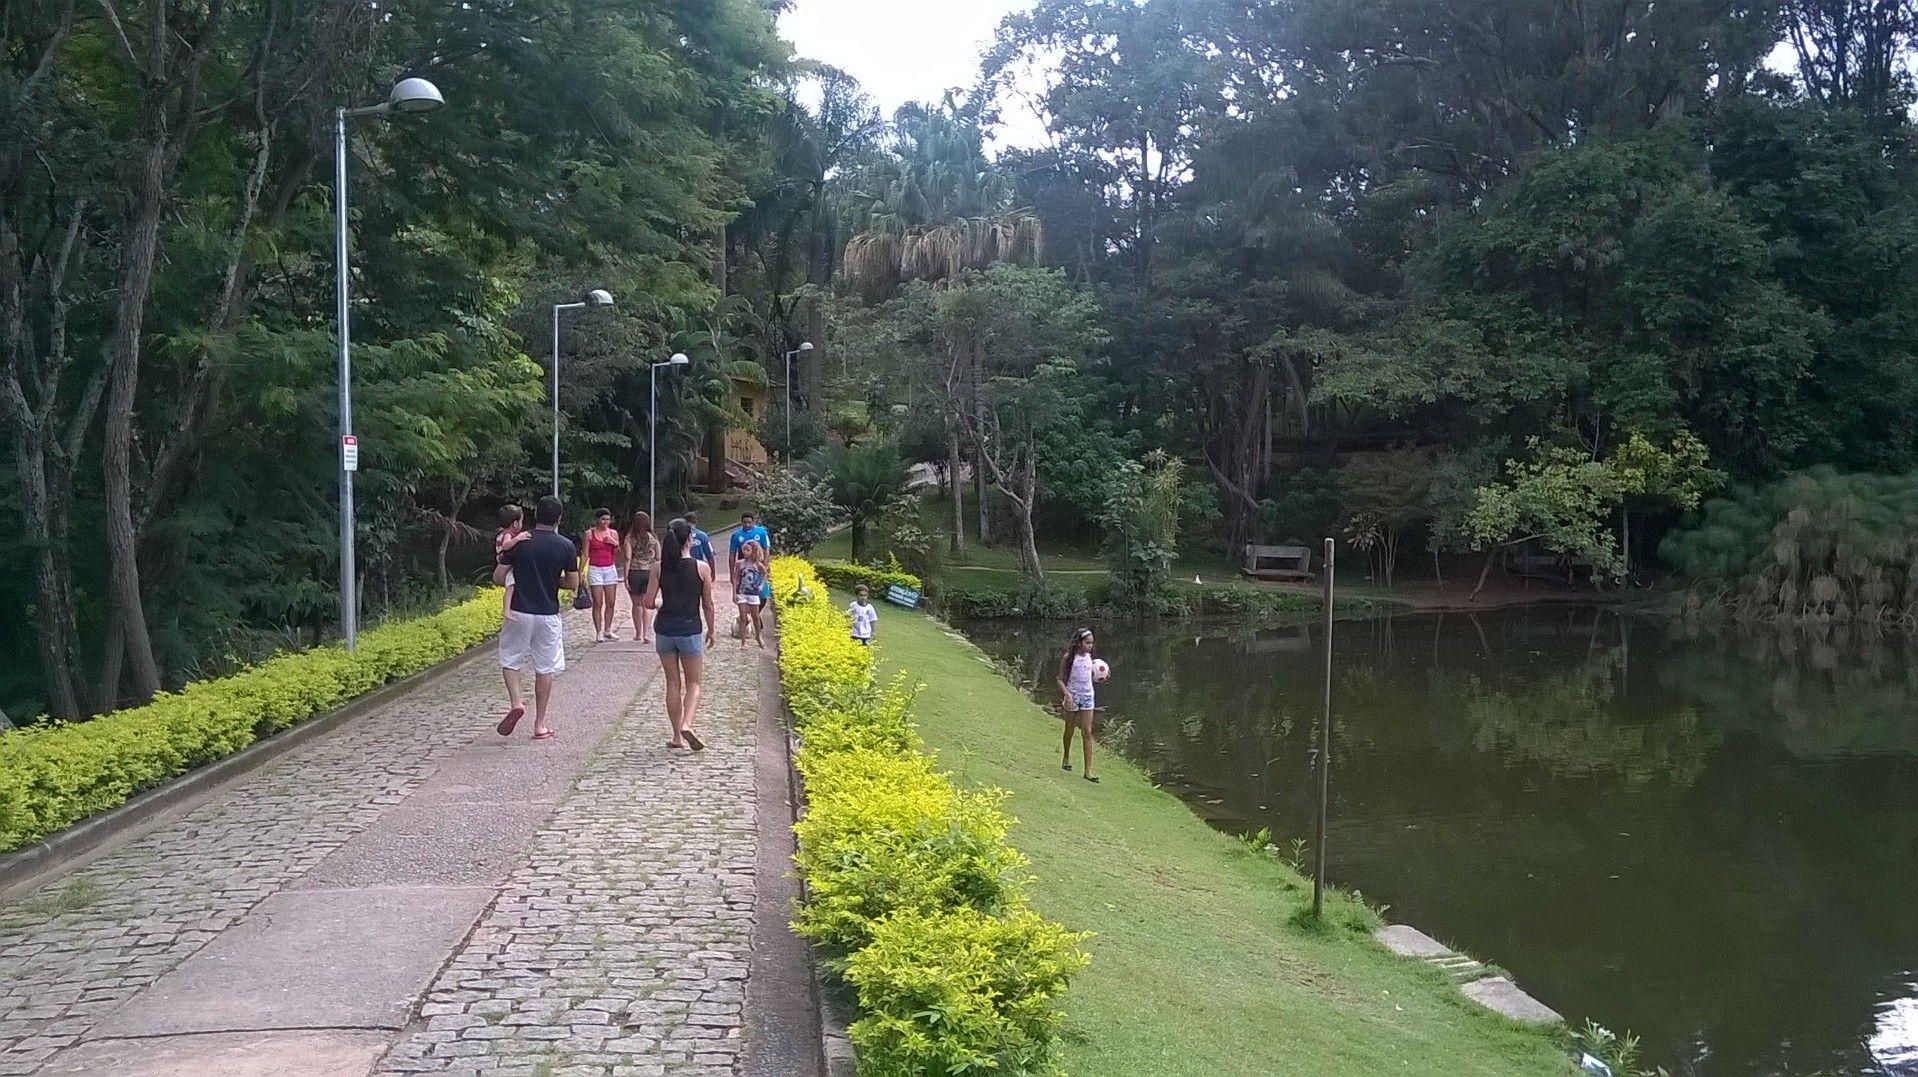 Fazenda Lagoa do Nado - Belo Horizonte/MG